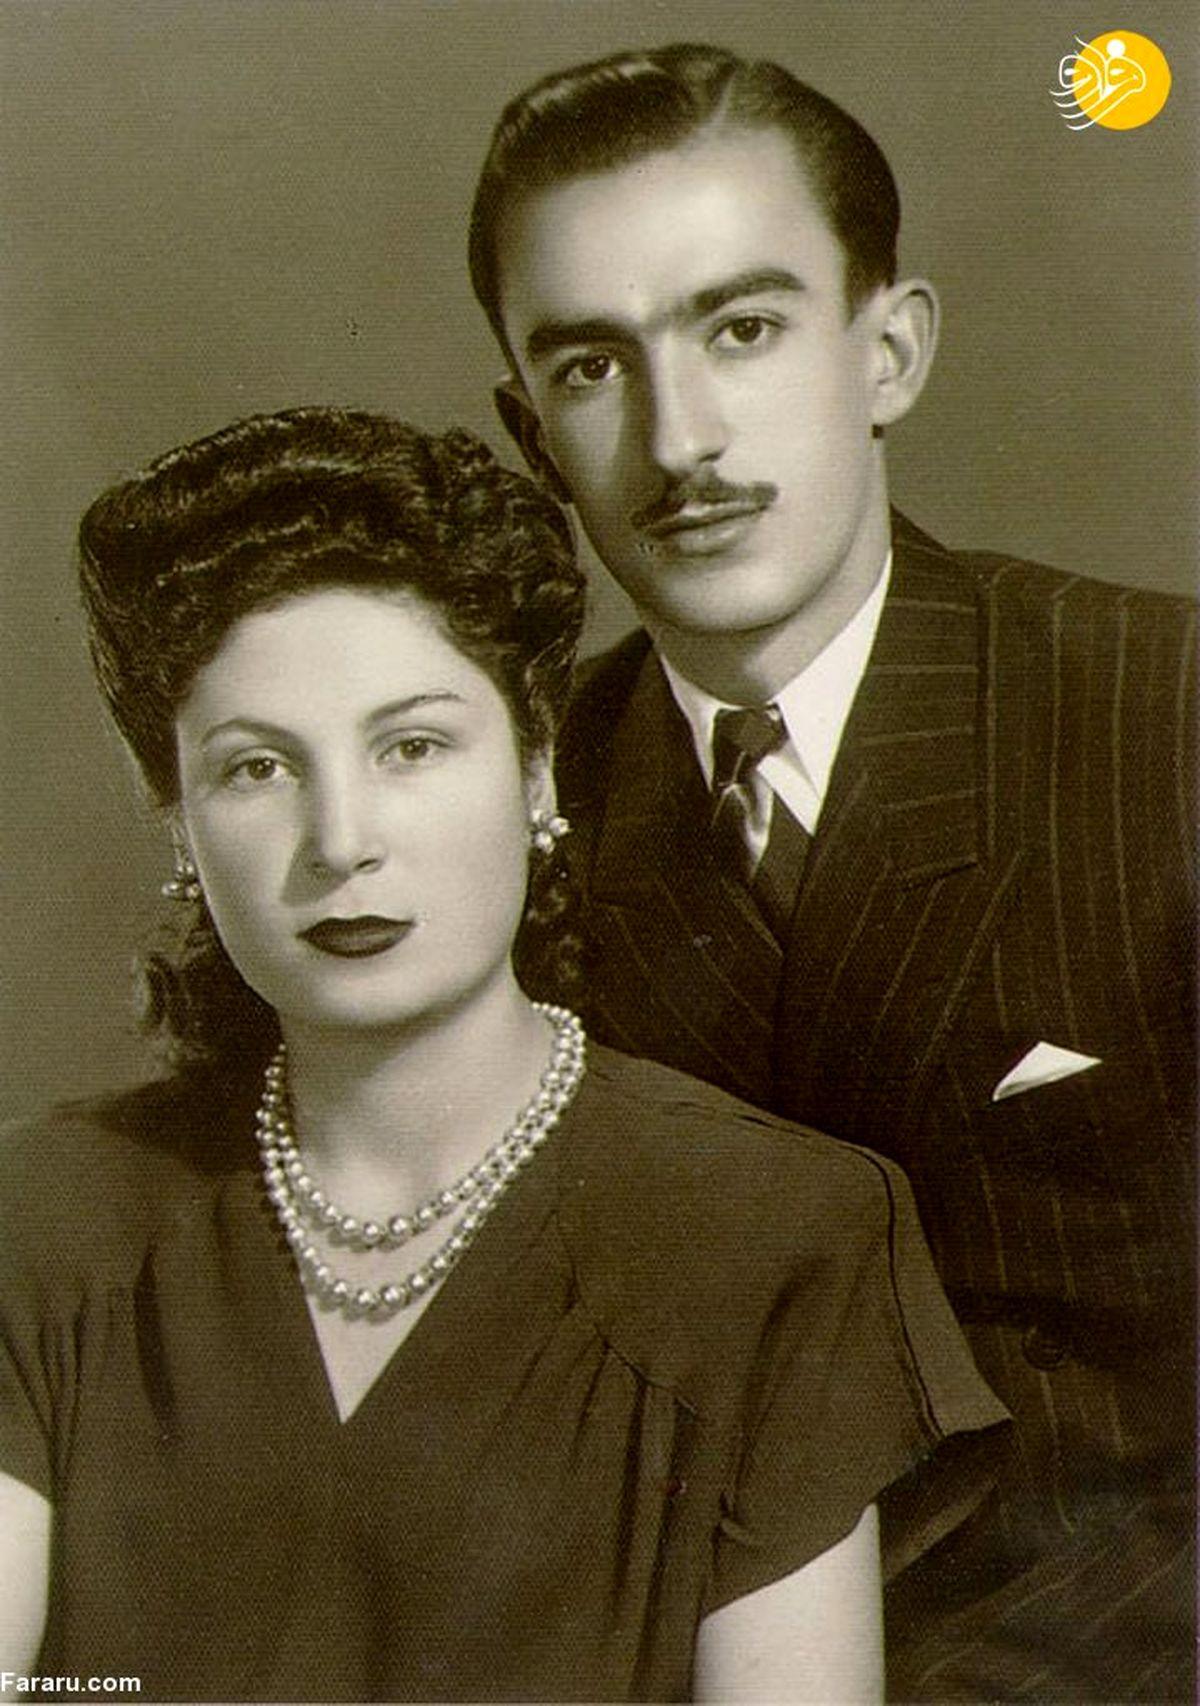 جاسوس زن مشهور شوروی در ایران